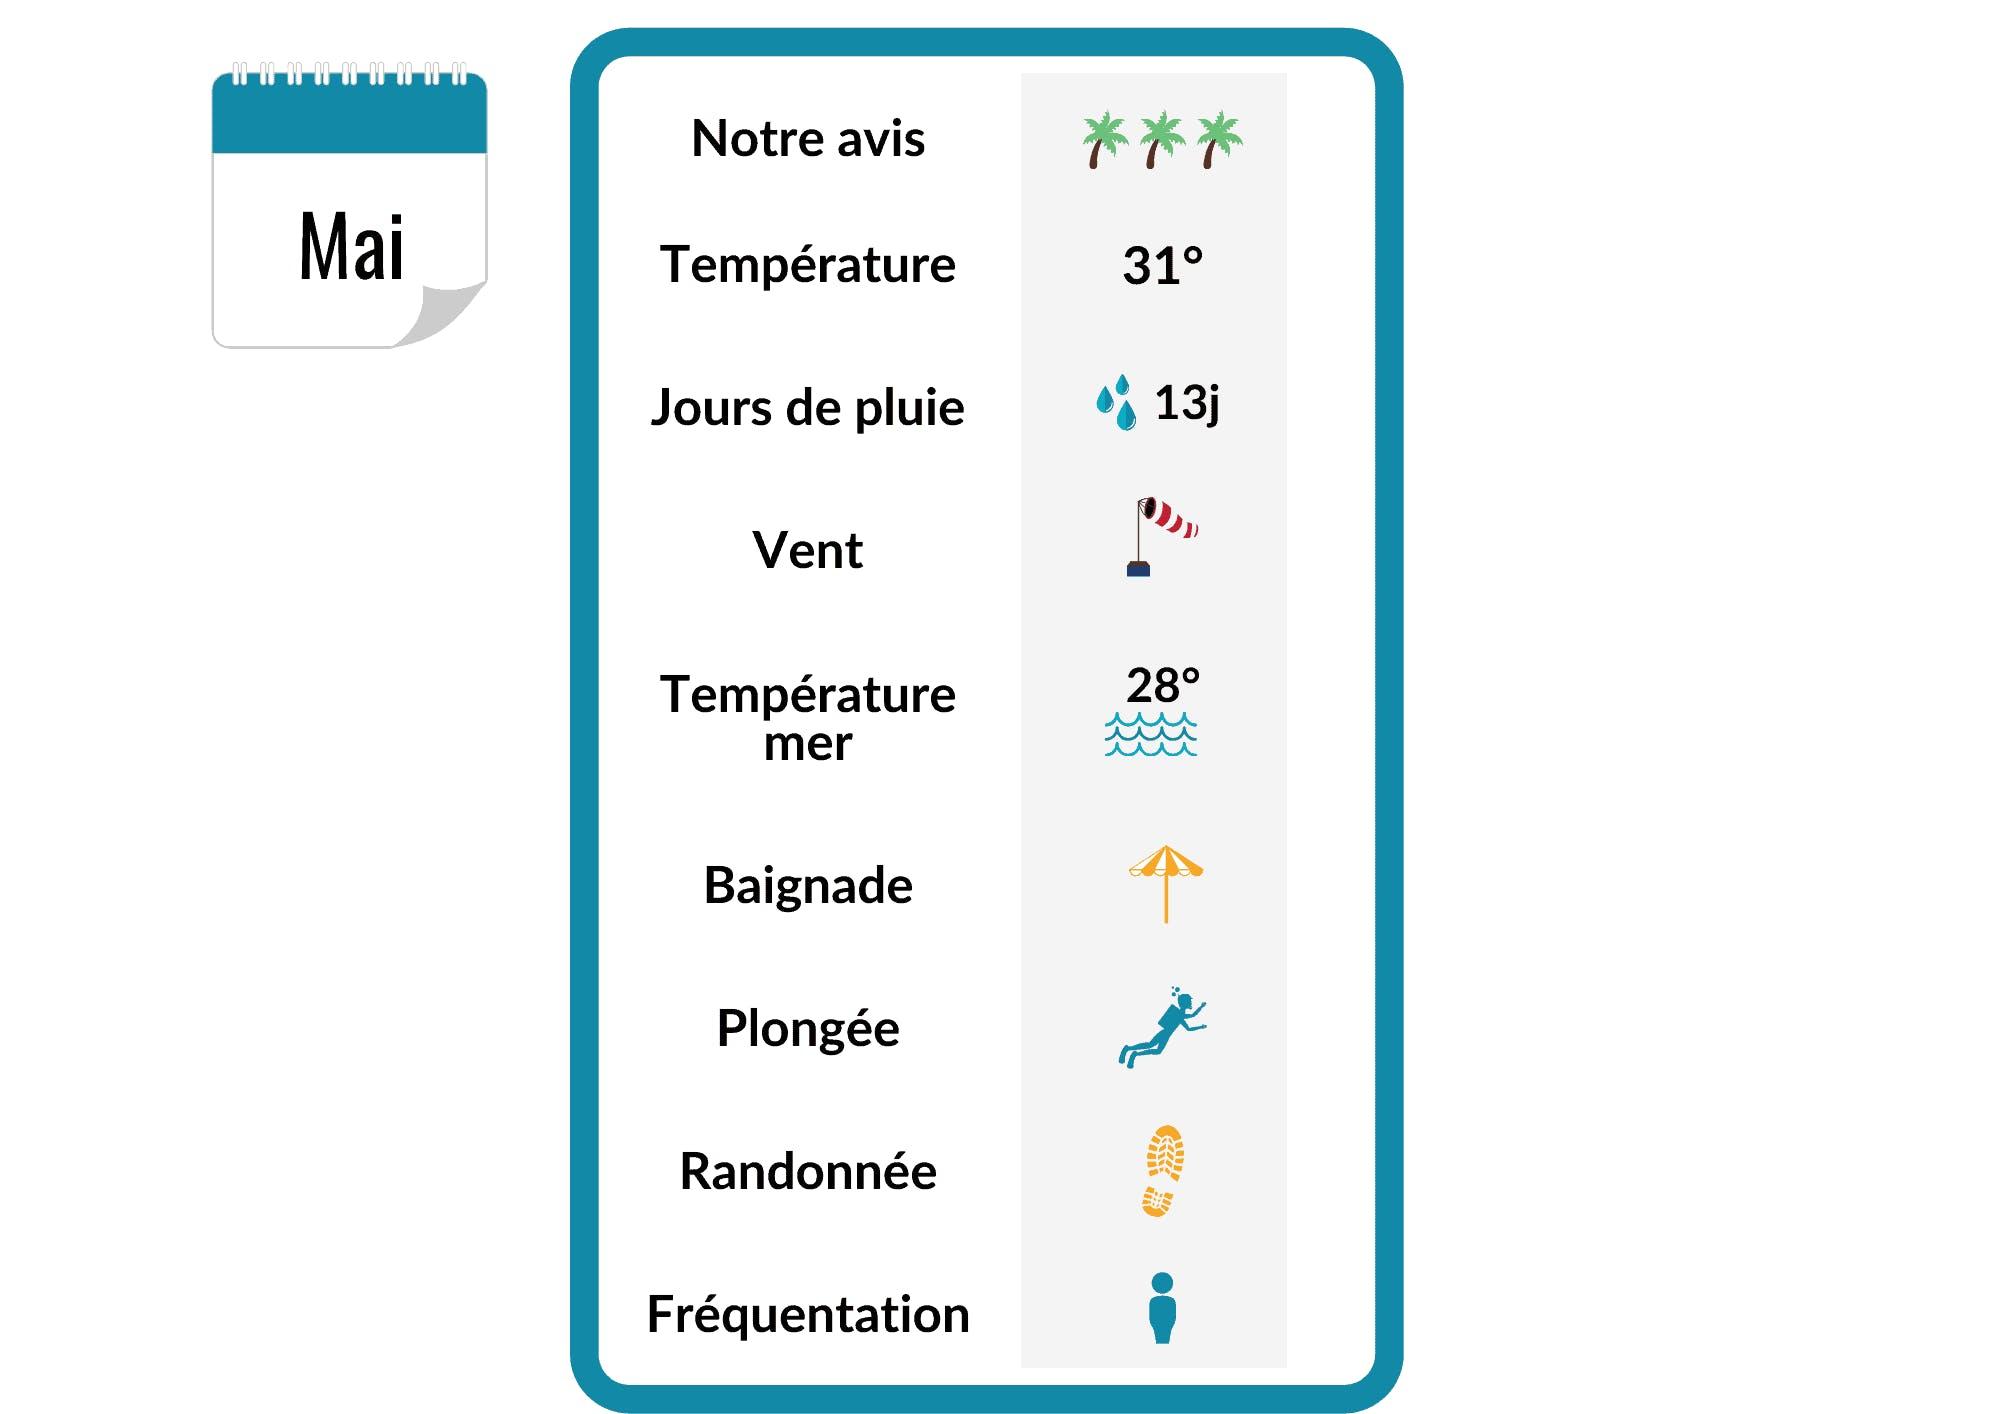 Infographie sur la météo en Martinique en Mai